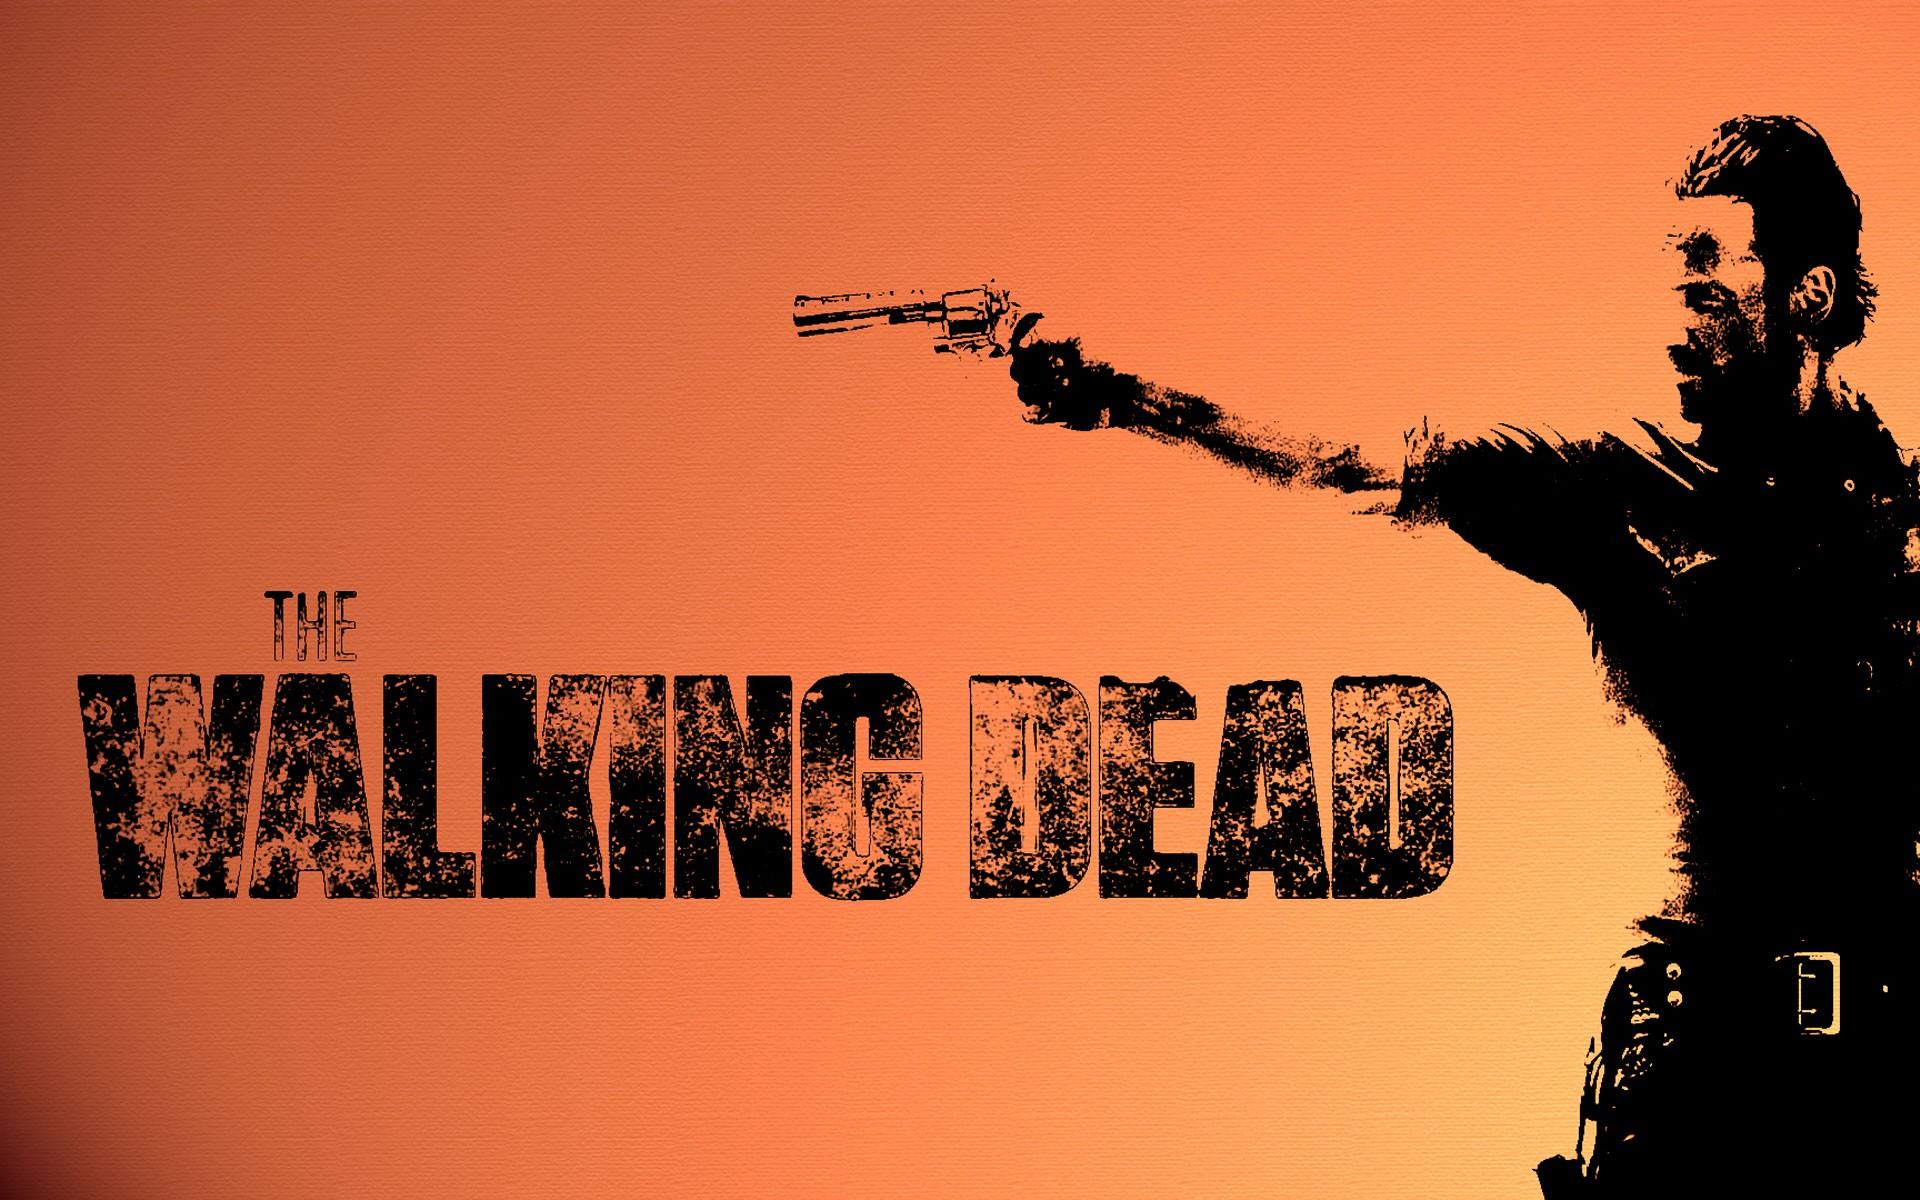 Walking Dead Wallpaper 1920x1080 Desktop